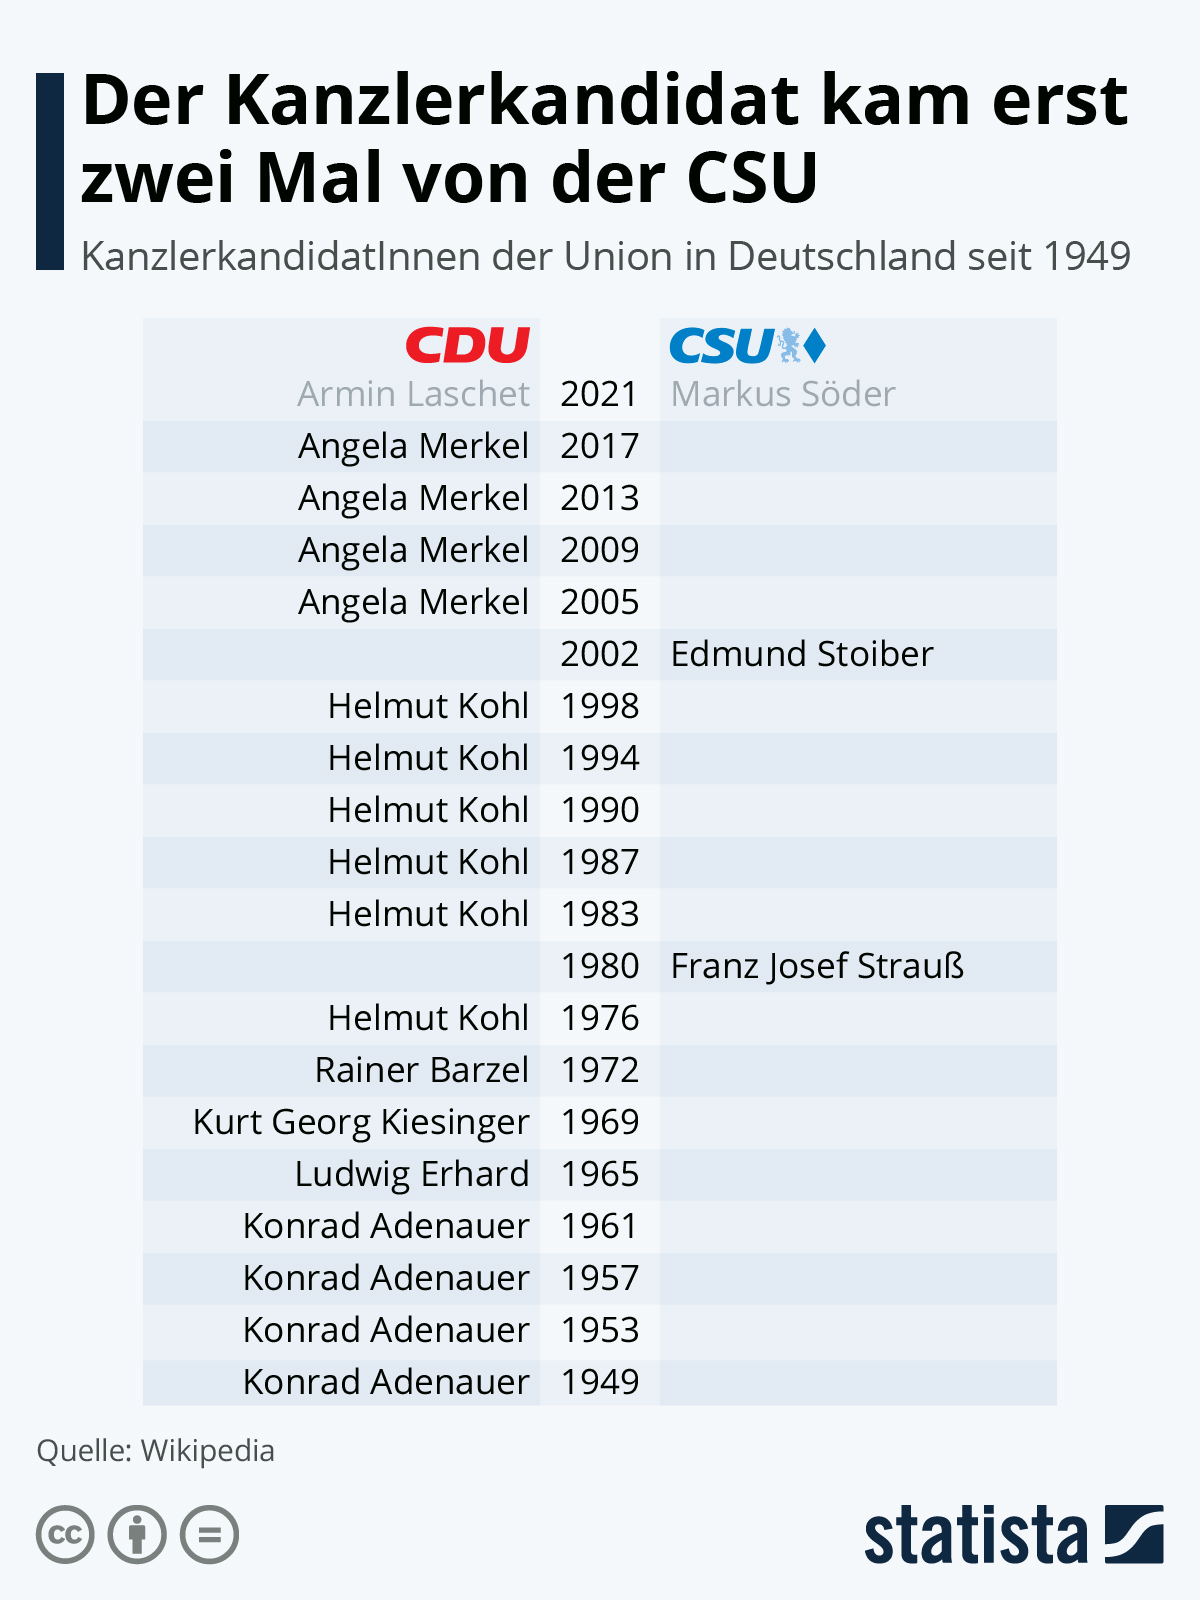 Infografik: Erst zwei Mal kam der Kanzlerkandidat von der CSU   Statista